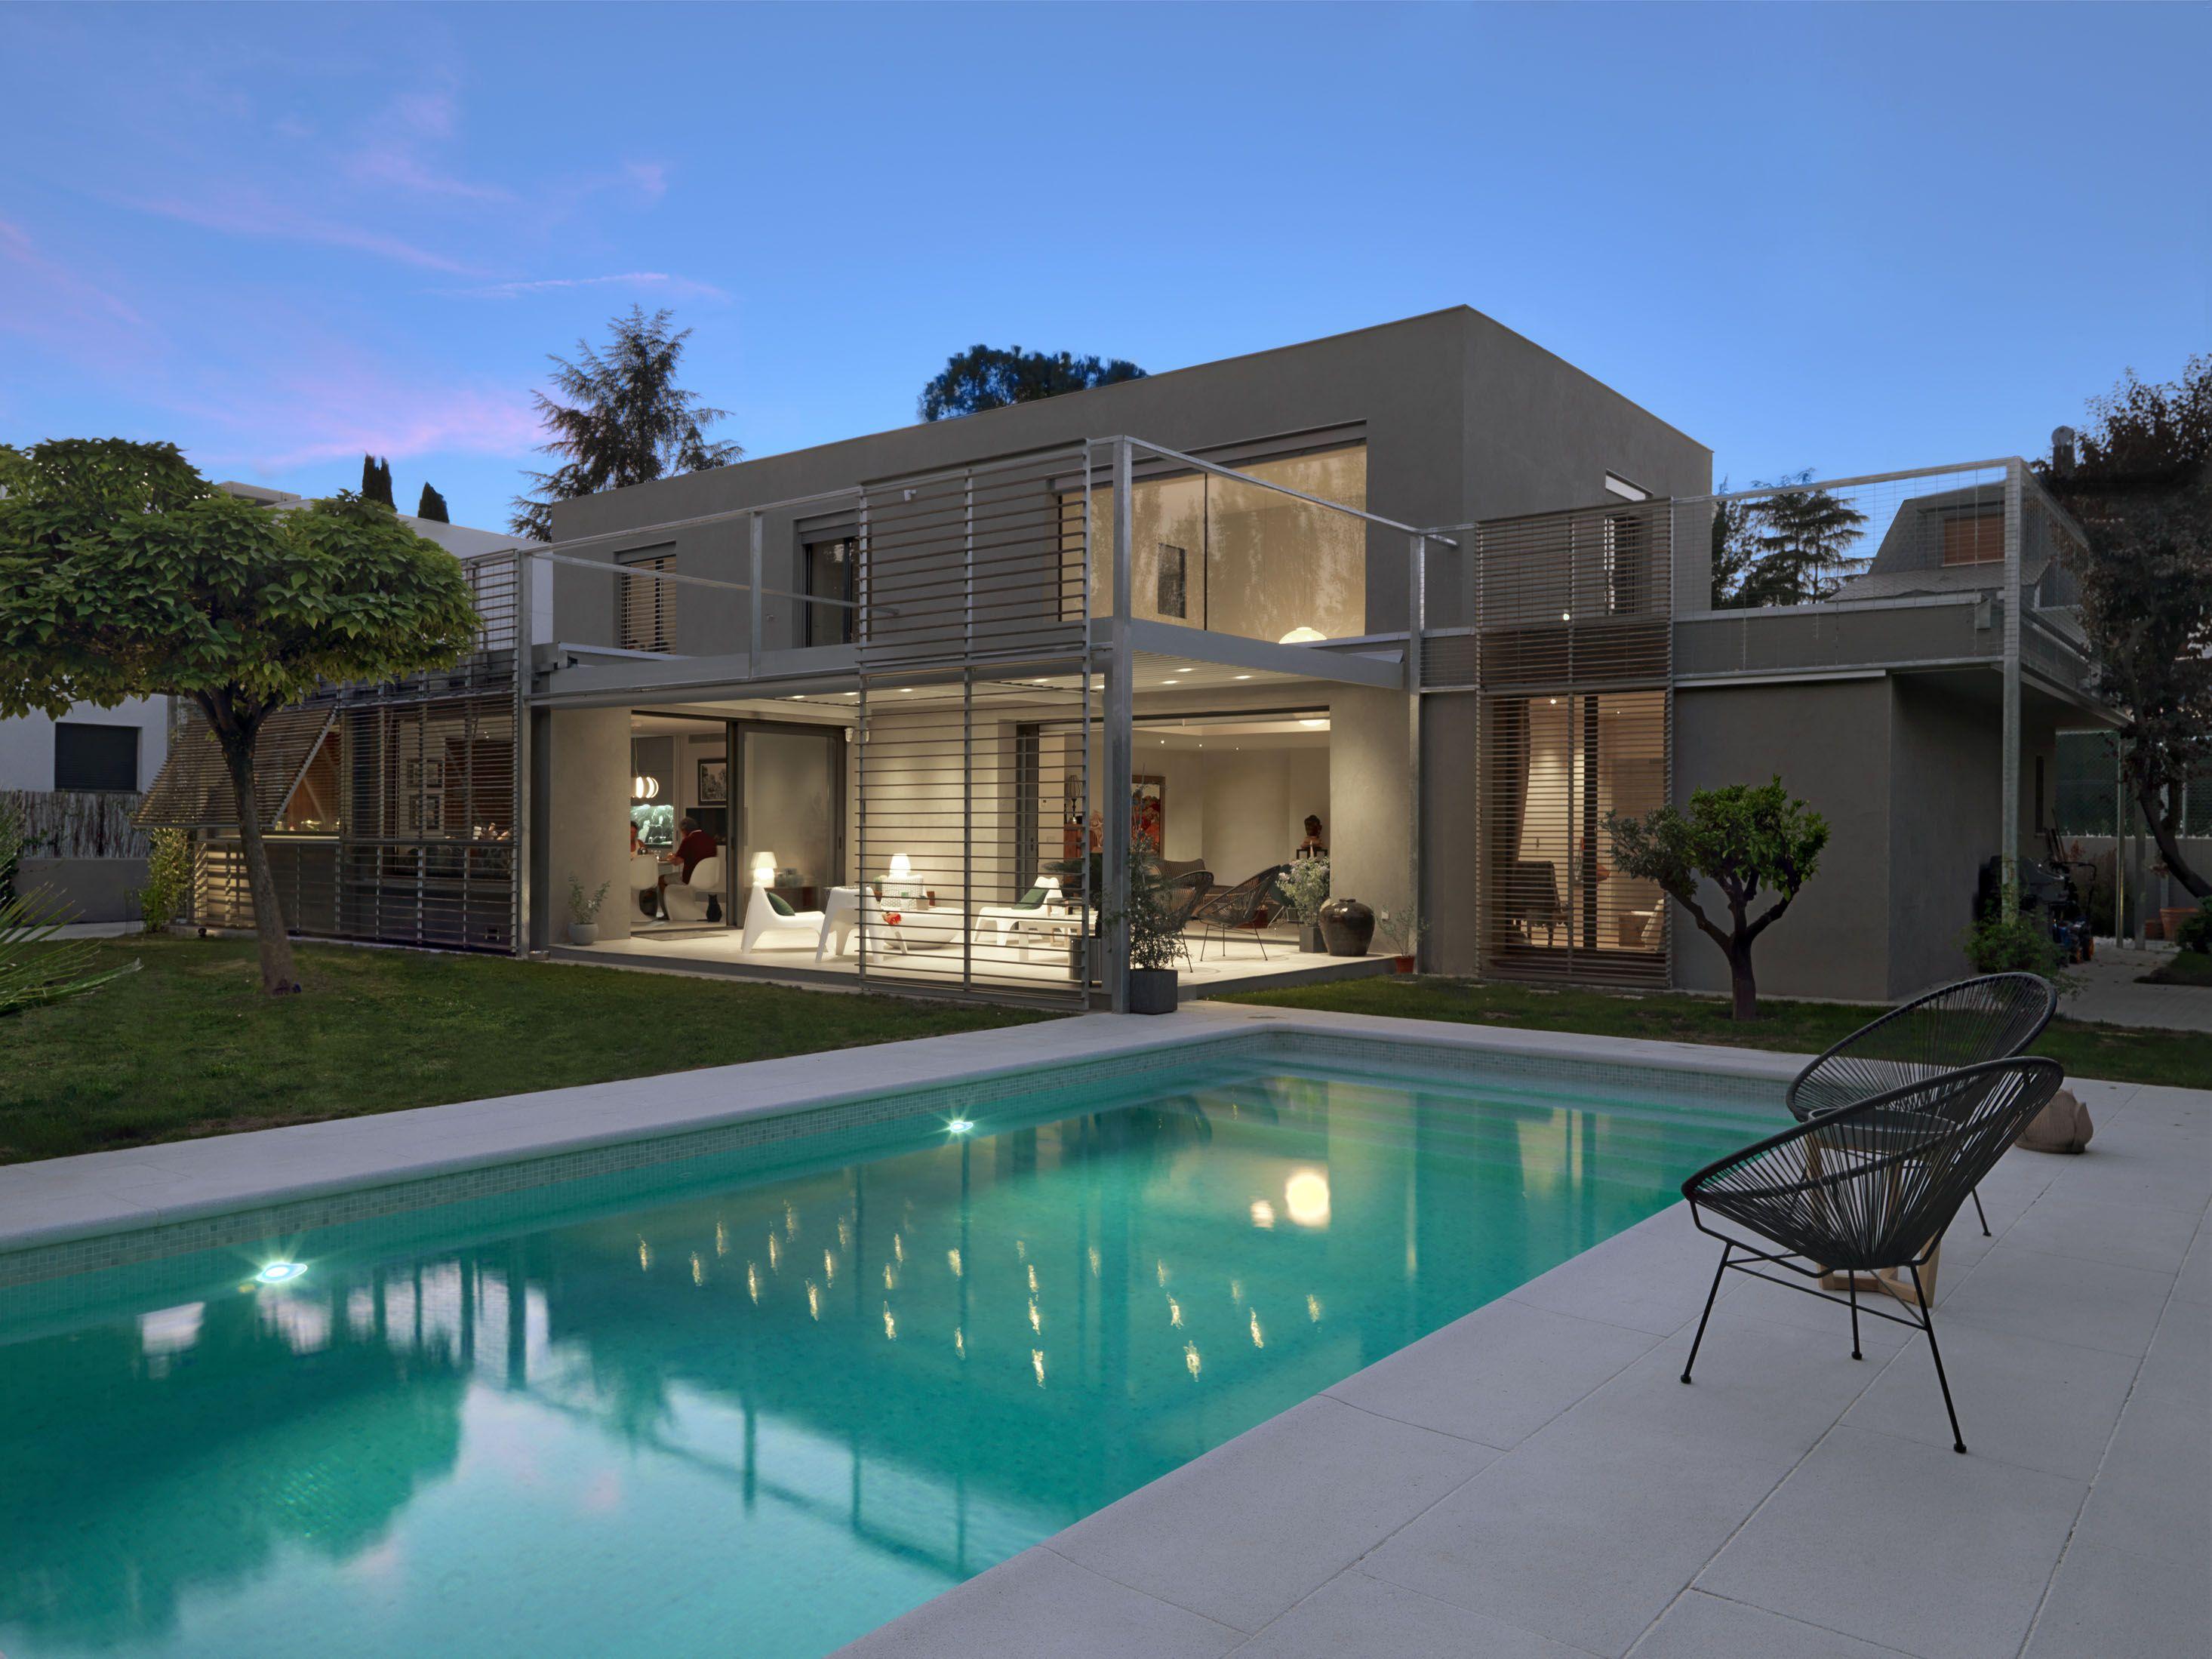 Vivienda casa paula rosales more co celosia jardin piscina for Viviendas jardin